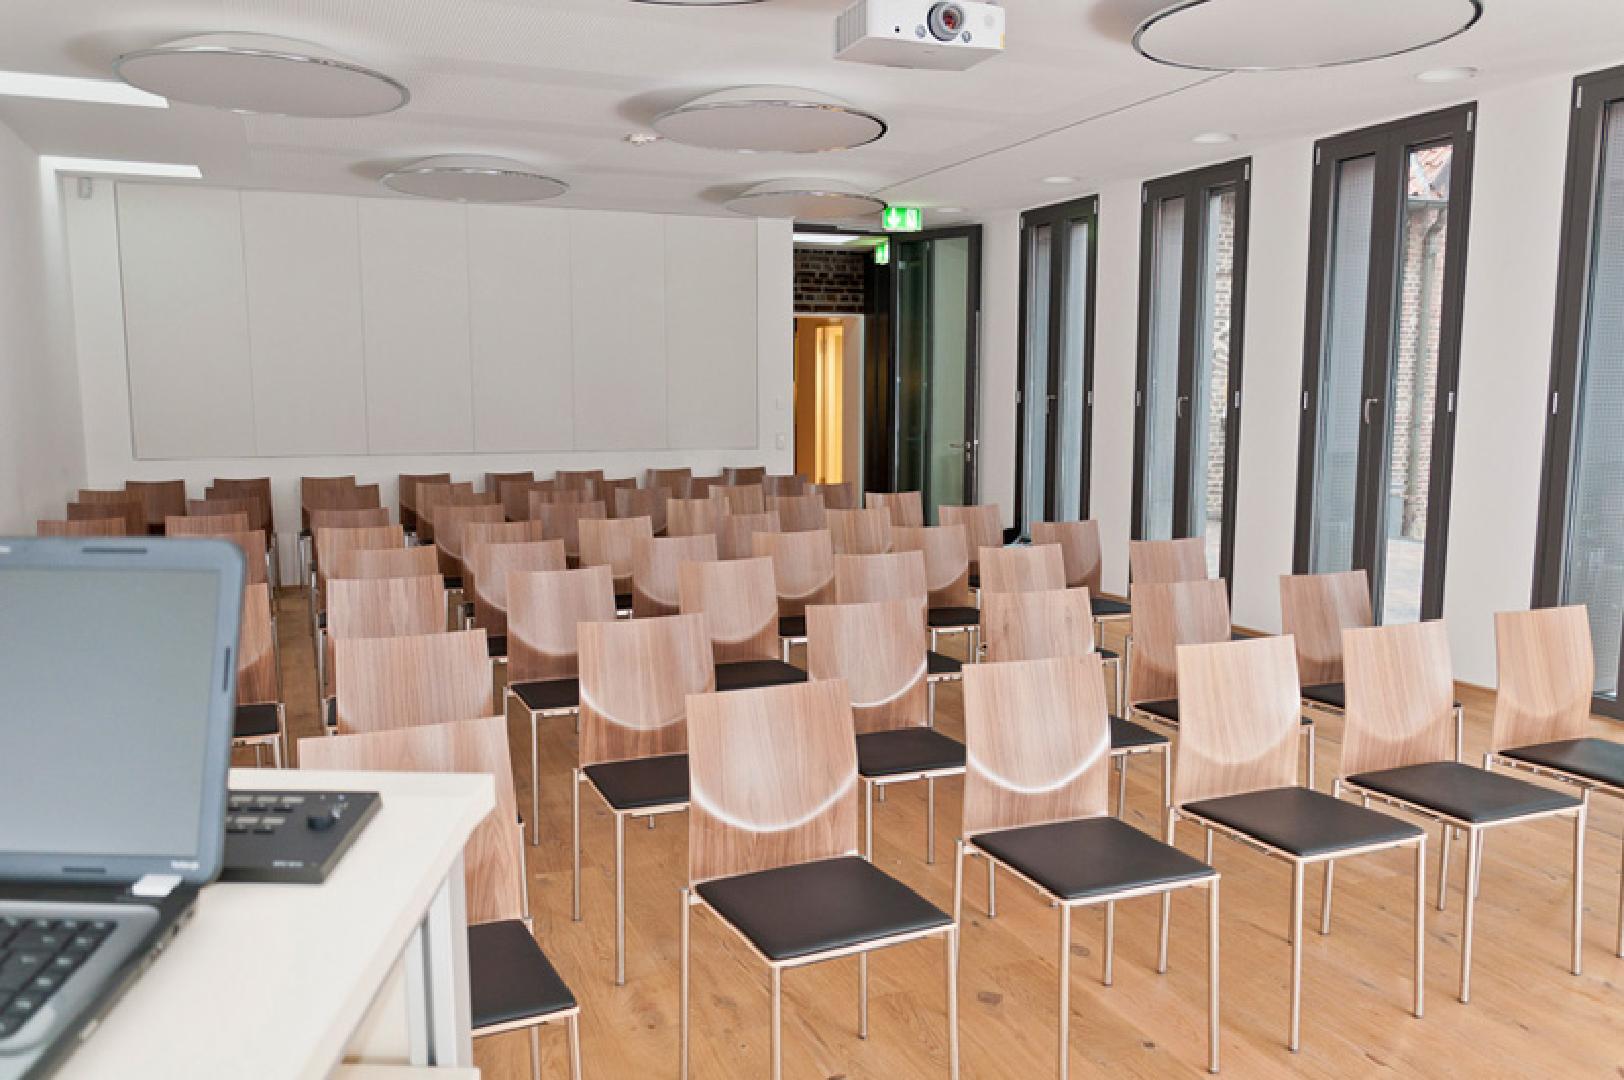 Bild 2 von UNIversaal - Multifunktionshalle in Bochum